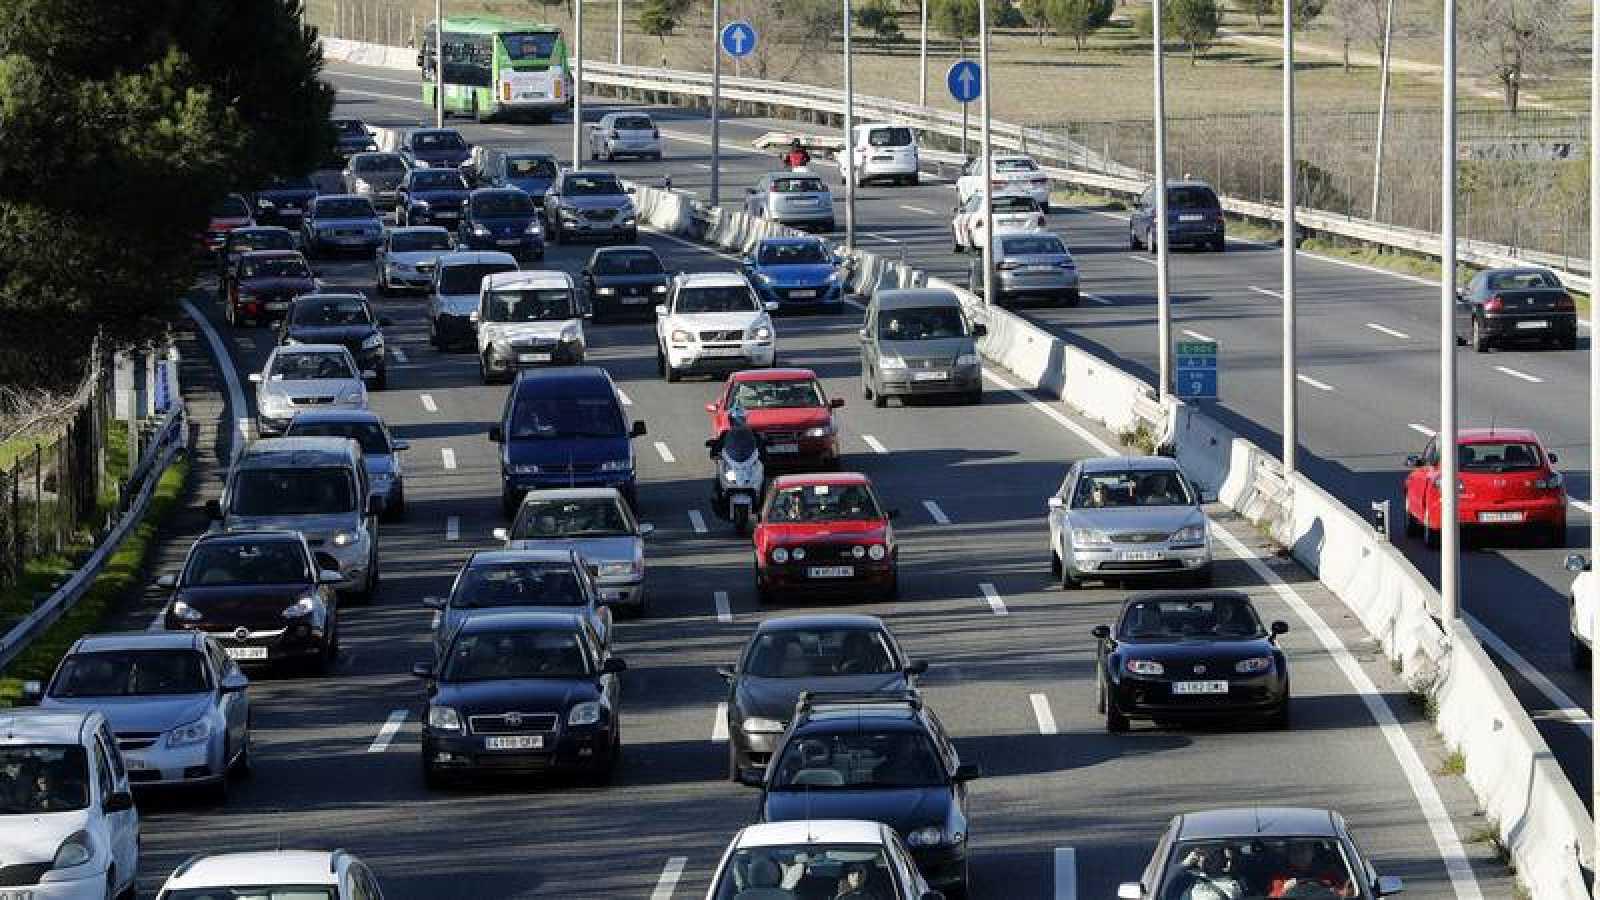 36 accidentes de tráfico en la Operación especial de Reyes